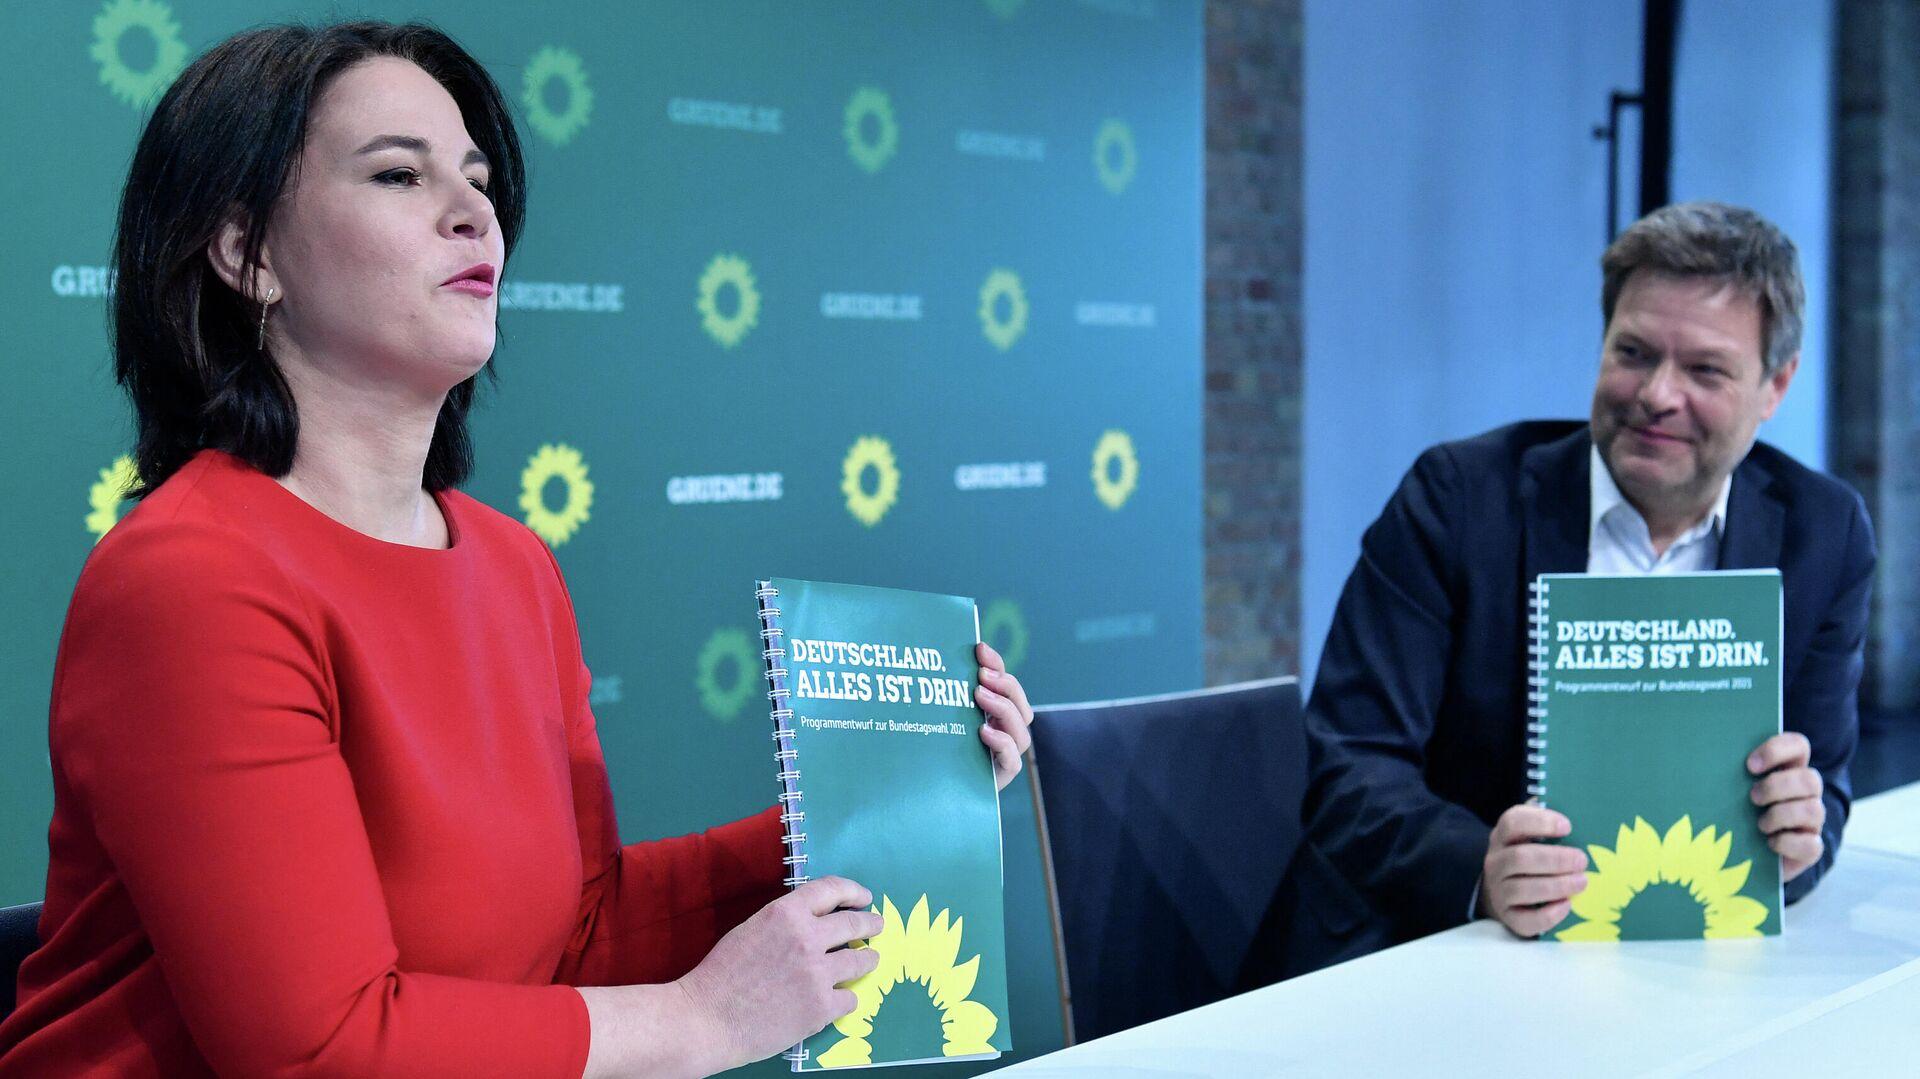 Die Chefs der Grünen Annalena Baerbock und Robert Habeck präsentieren den Entwurf des Wahlprogramms ihrer Partei am 19. März 2021 in Berlin vor den Bundestagwahlen Ende September 2021. - SNA, 1920, 07.05.2021